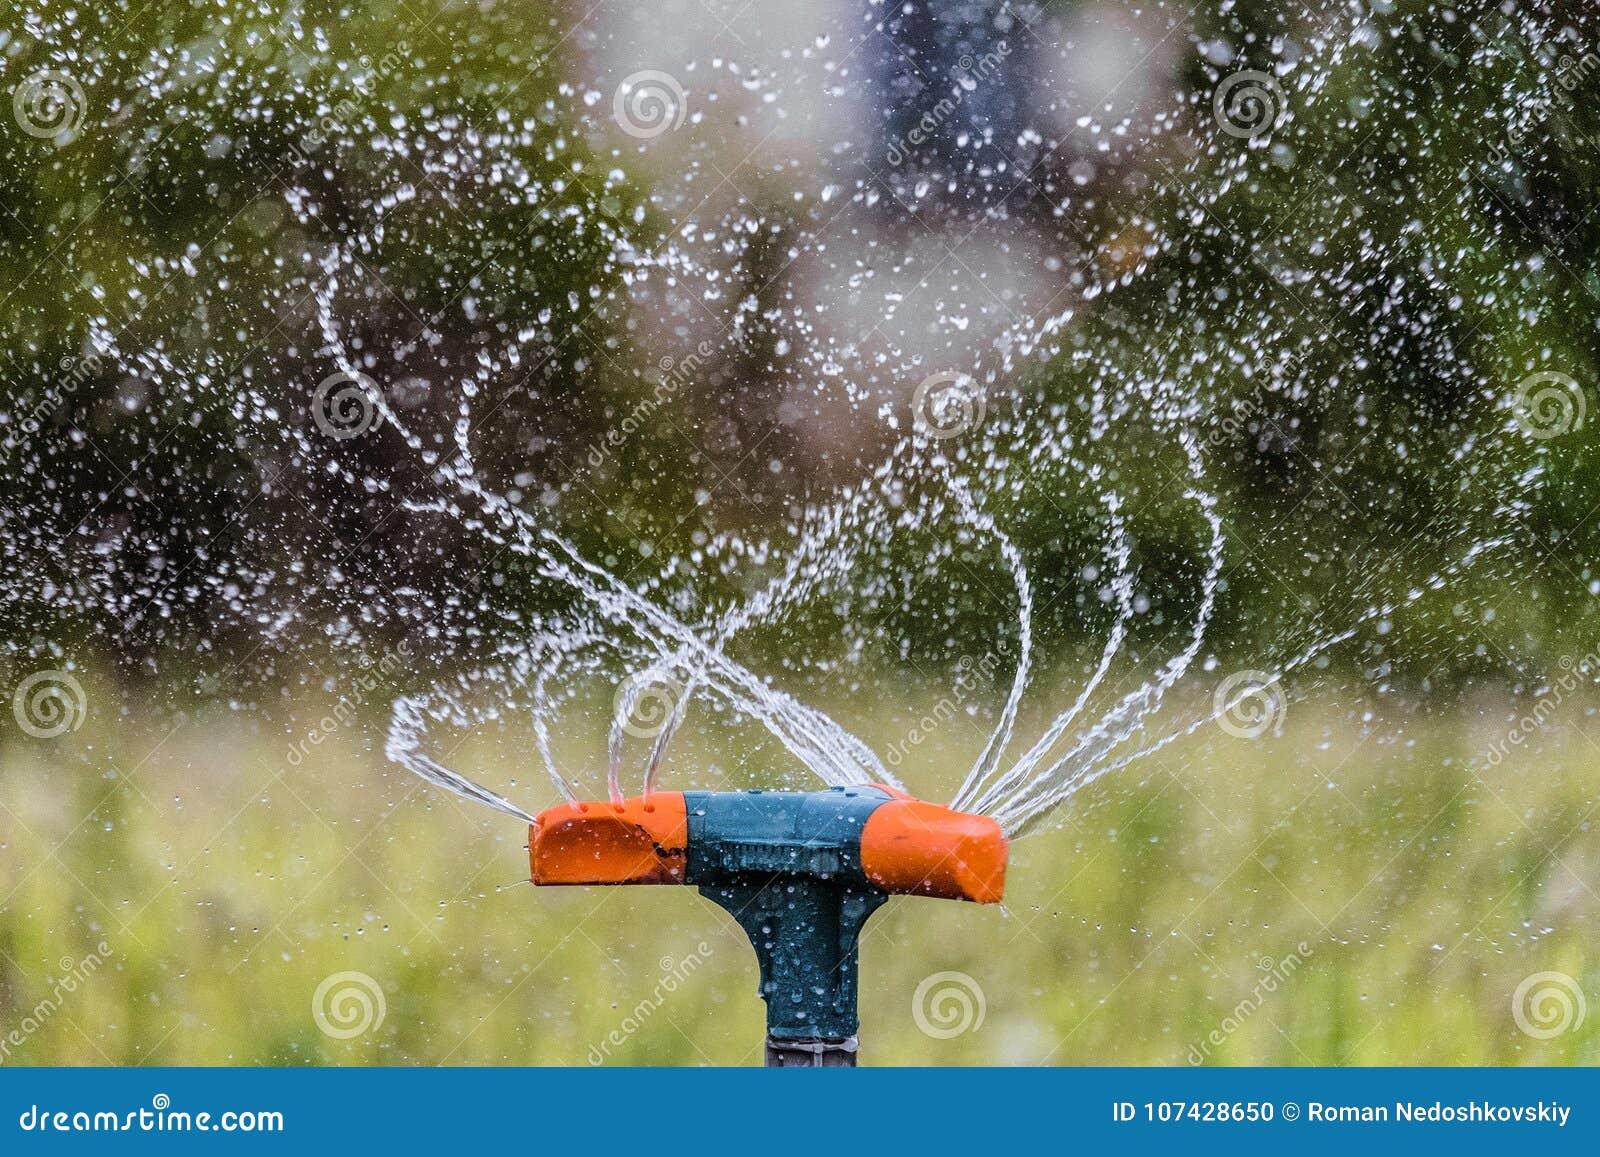 Bewässerung des Gartens unter Verwendung einer Rotationsberieselungsanlage Gartenarbeitbewässerungssystemnahaufnahme